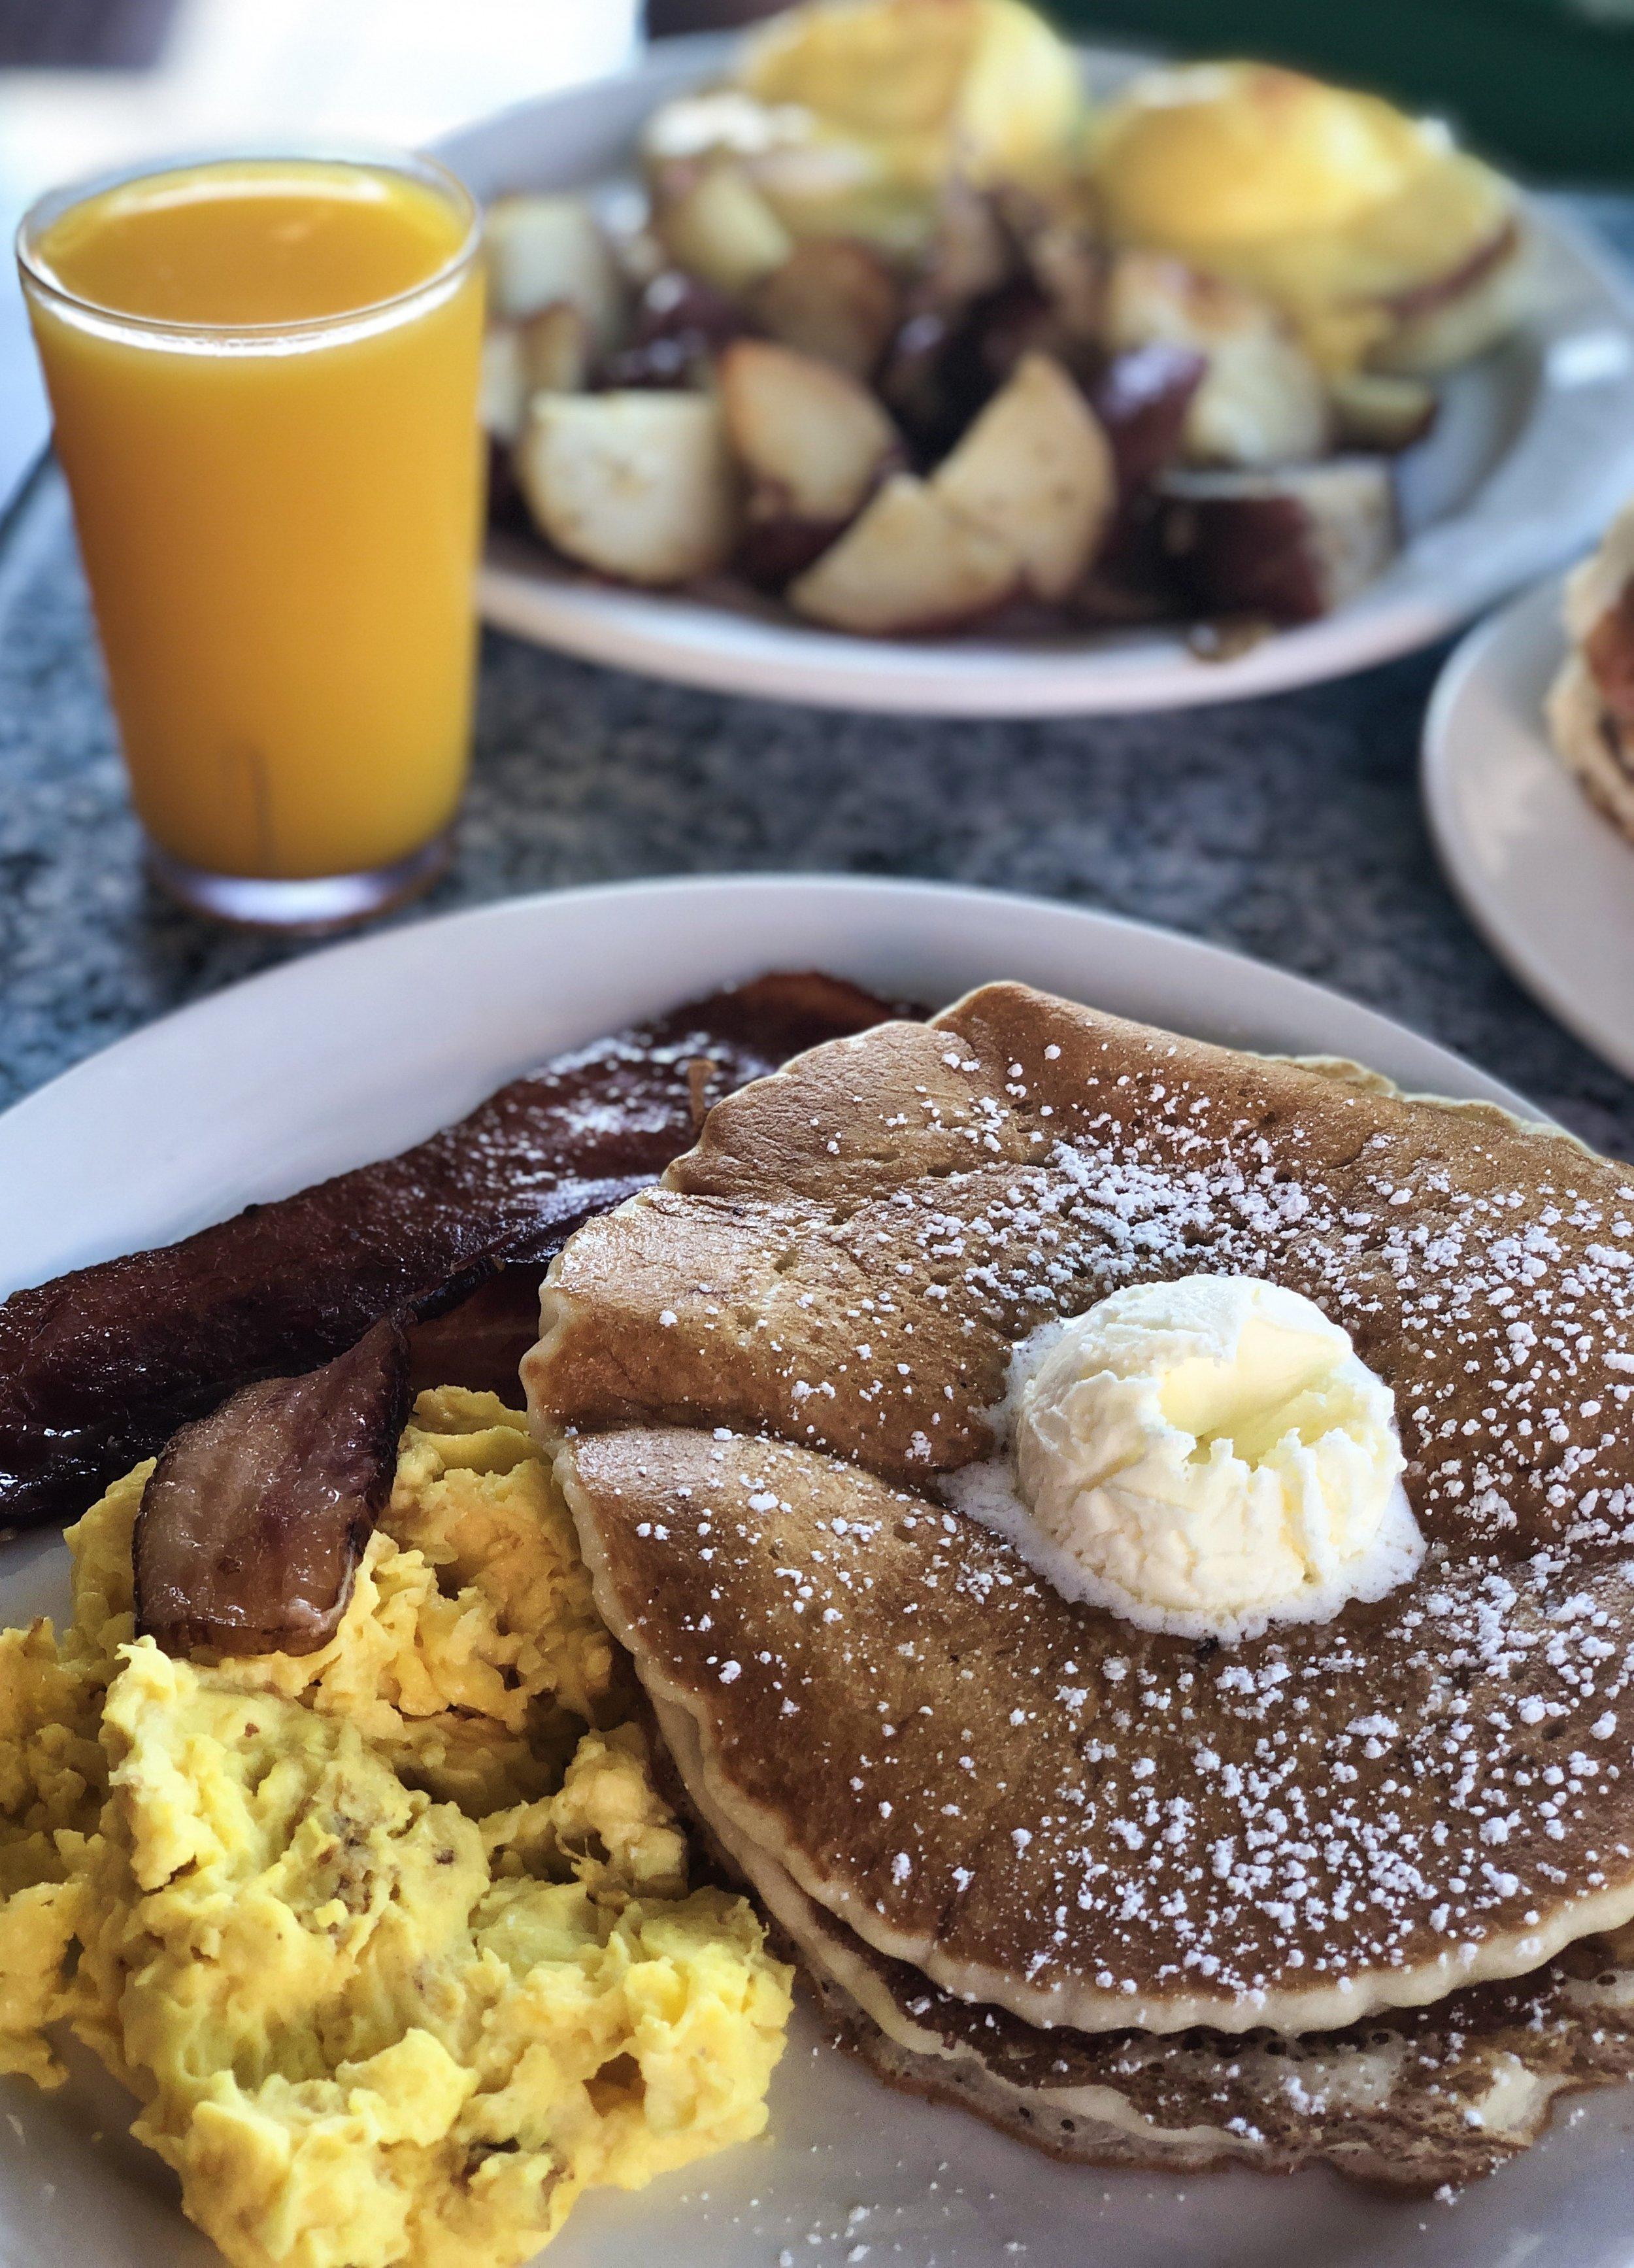 Kihei Cafe Breakfast, Best Breakfast Spots in Maui, Hawaii.